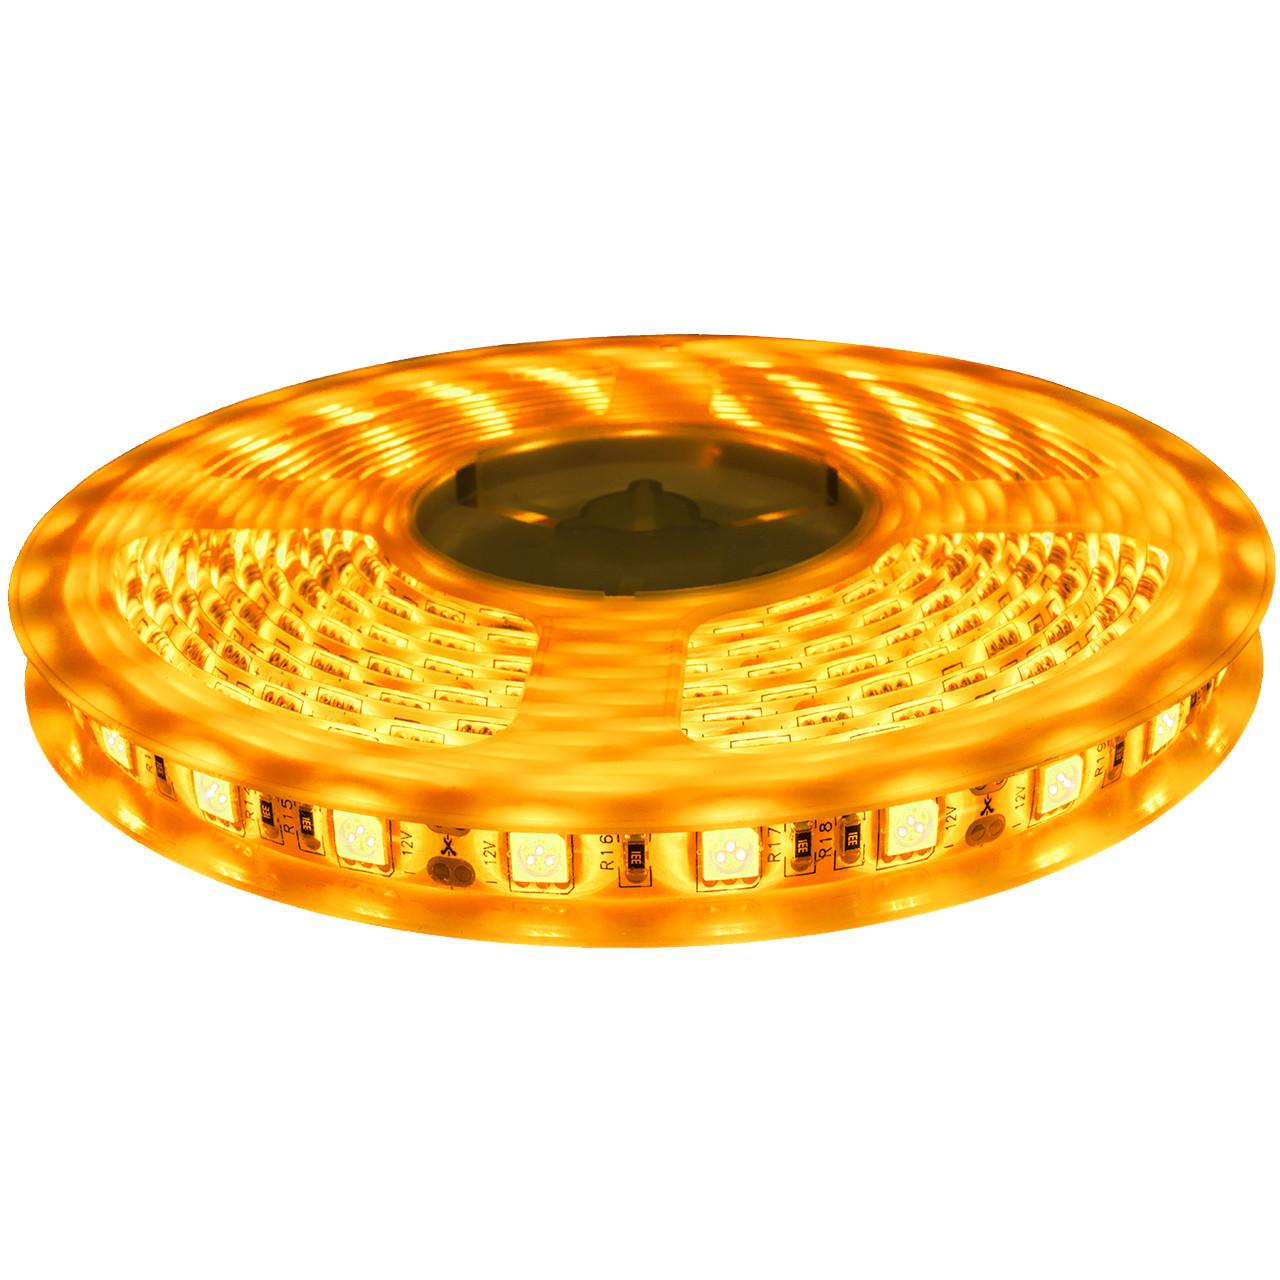 Dilux - Светодиодная лента SMD 5050 60LED/m, IP65 Royal Yellow ( Янтарная )